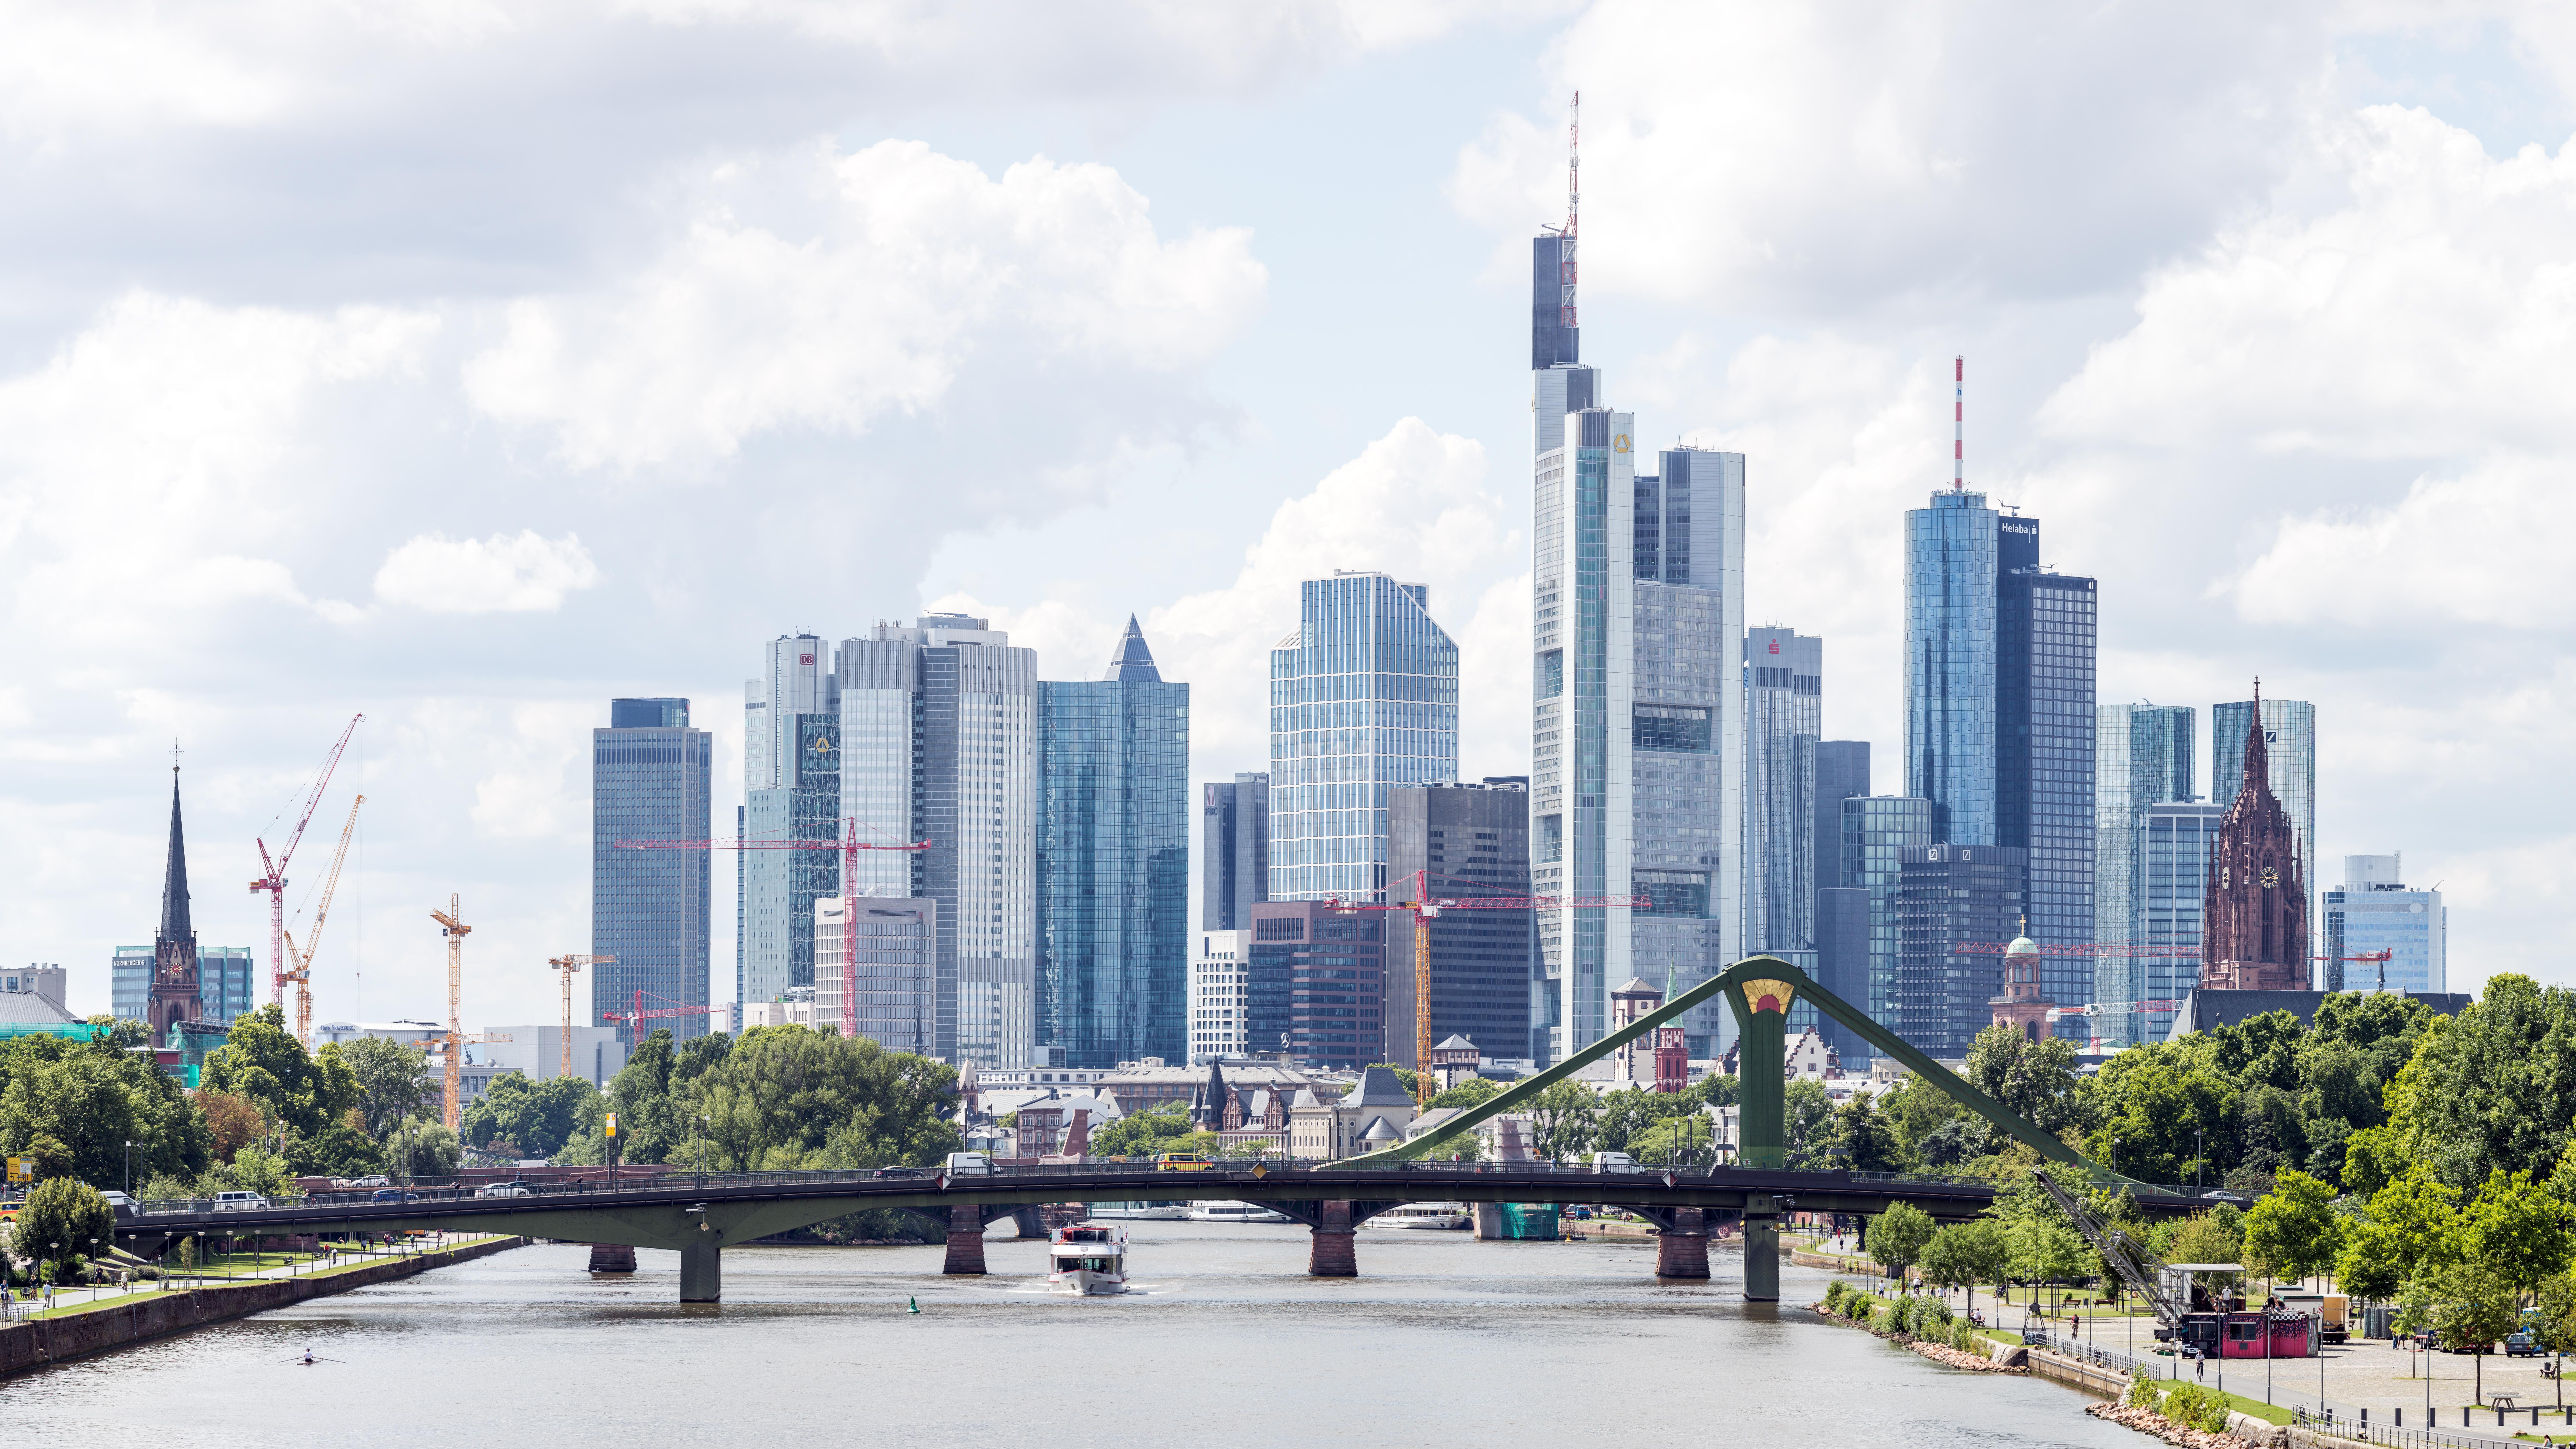 Frankfurt am Main ist ein internationales Finanz- und Dienstleistungszentrum sowie Sitz der Europäischen Zentralbank.